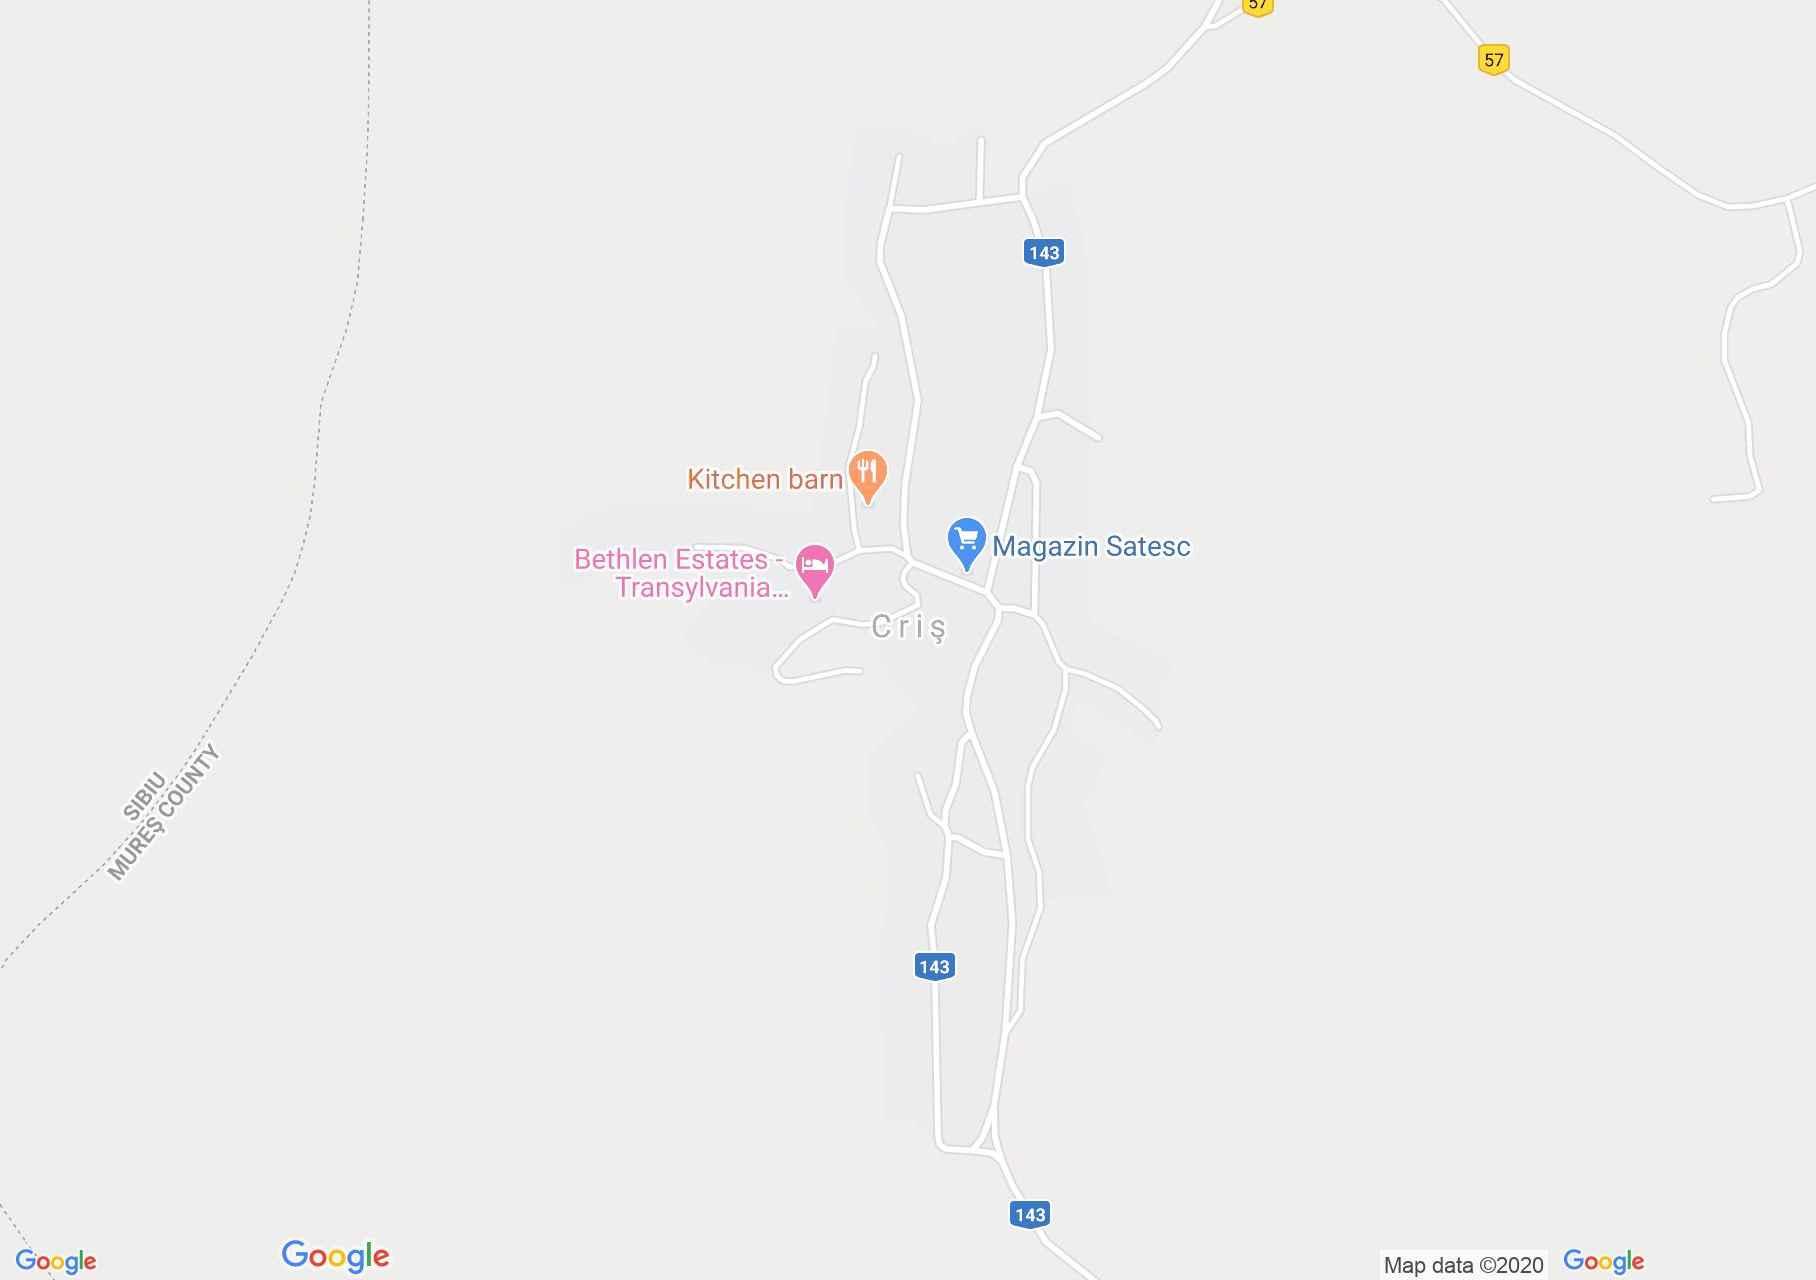 Criş, Harta turistică interactivă